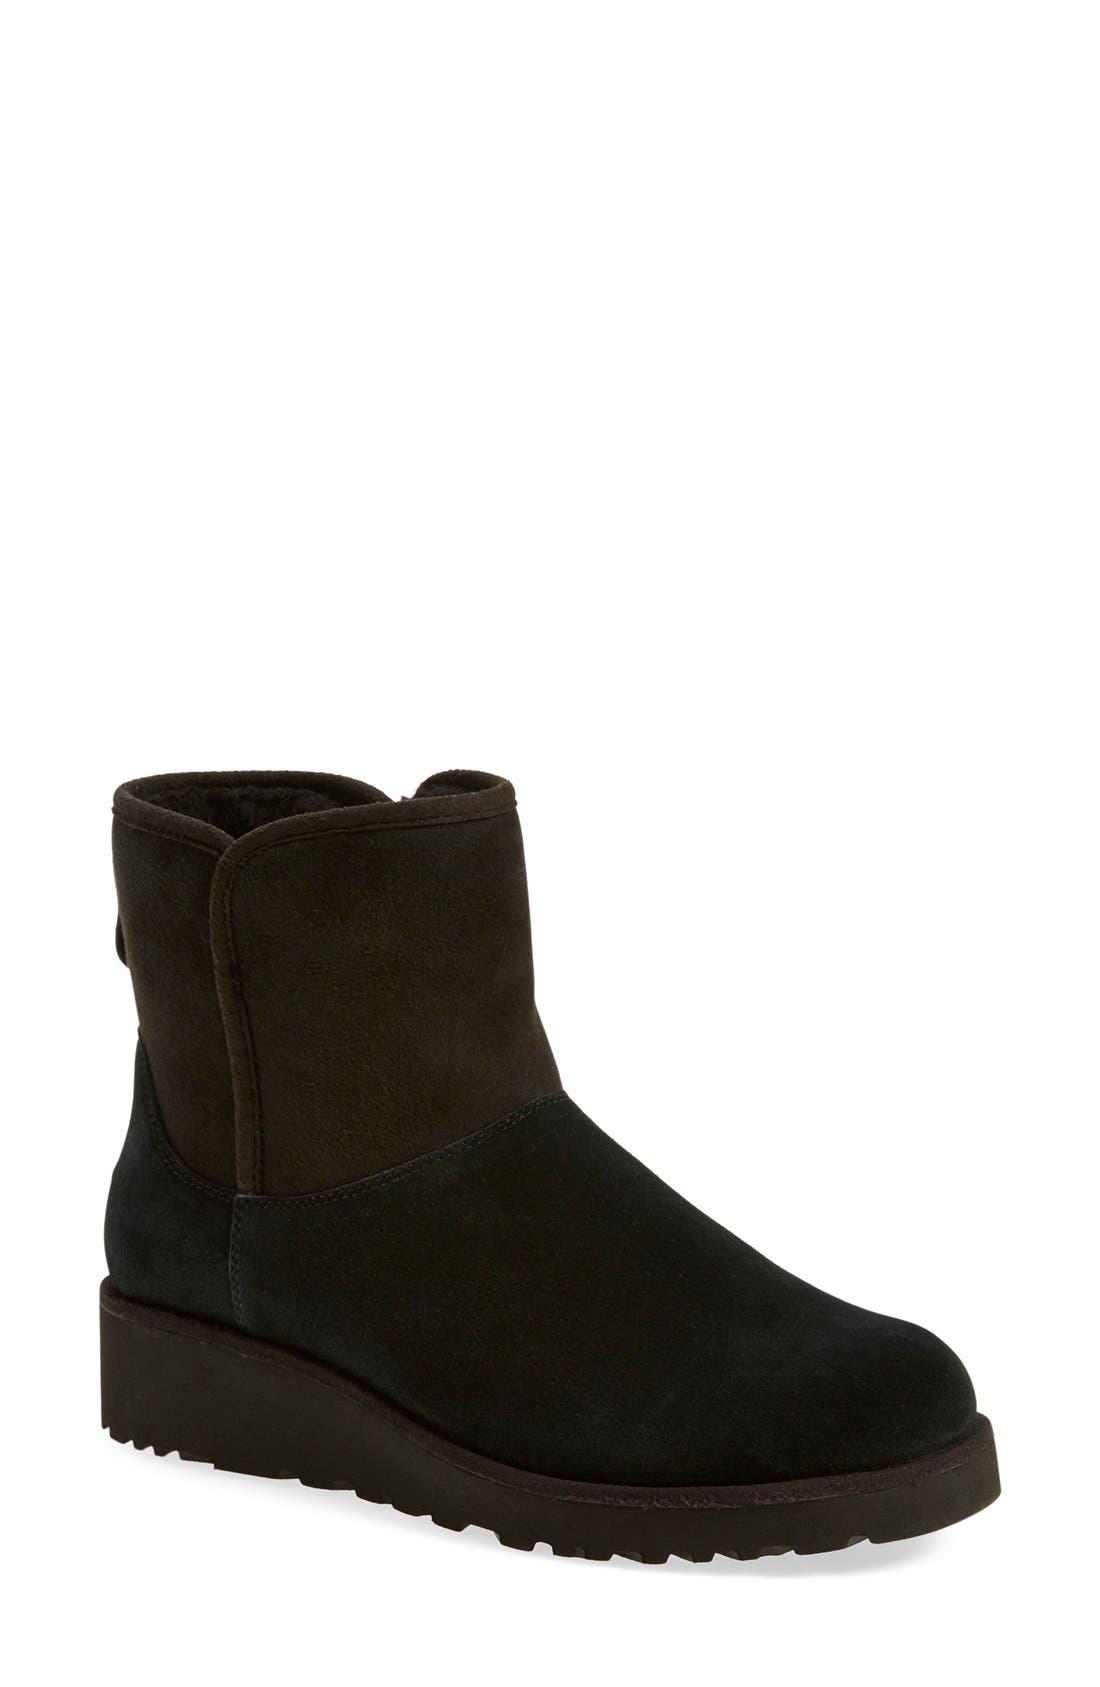 Alternate Image 1 Selected - UGG® Kristin - Classic Slim™ Water Resistant Mini Boot (Women)